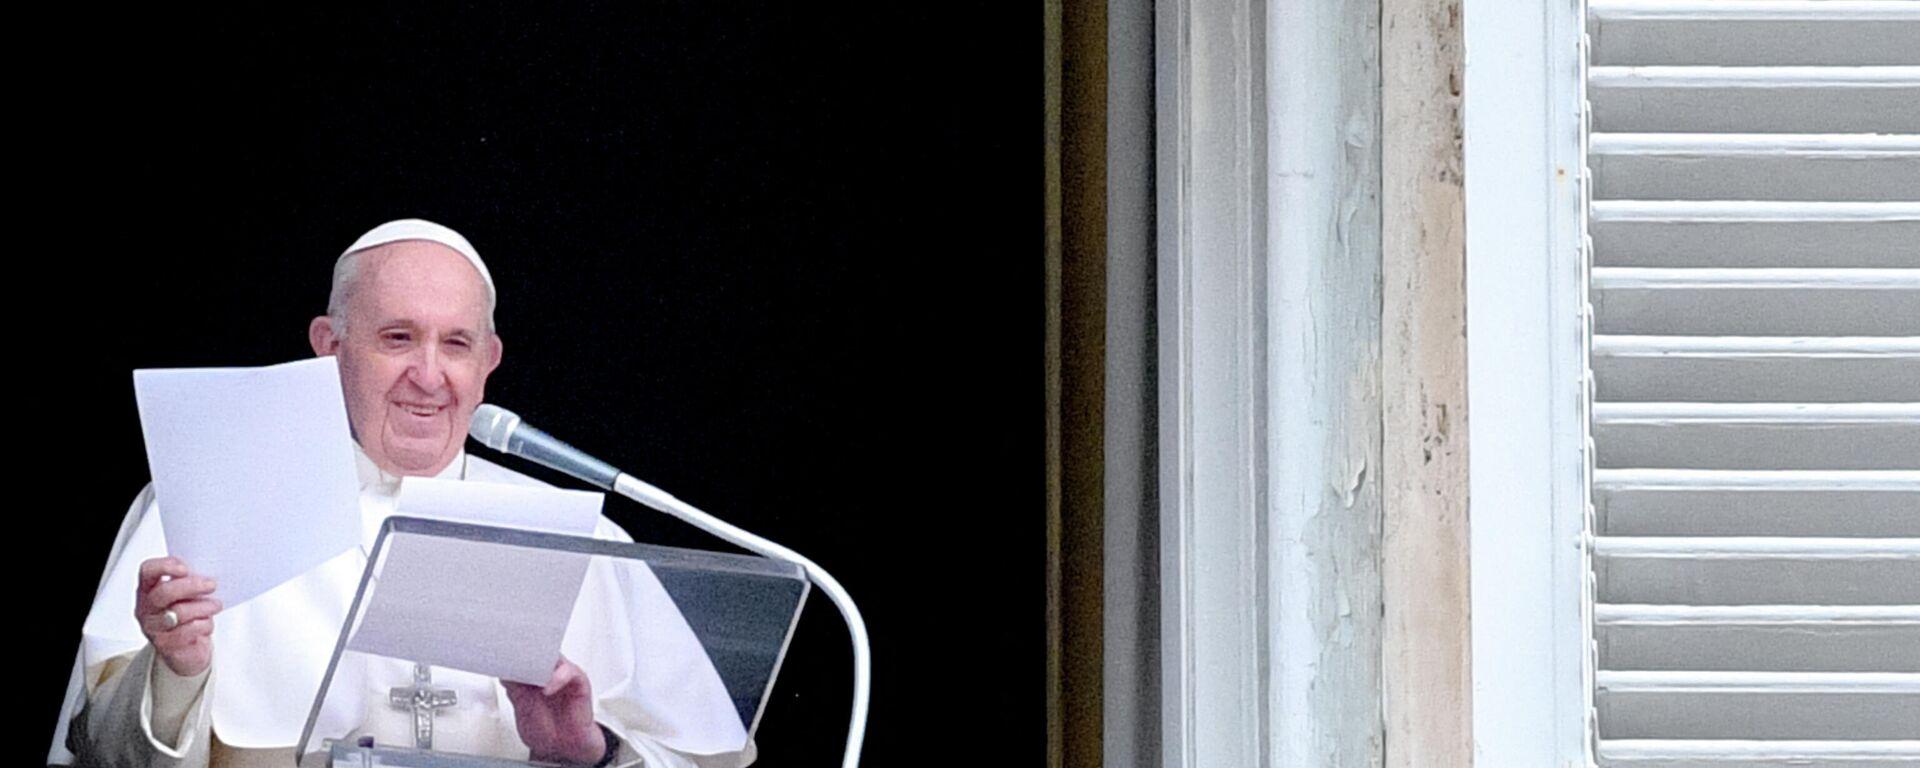 Papst Franziskus - SNA, 1920, 16.03.2021